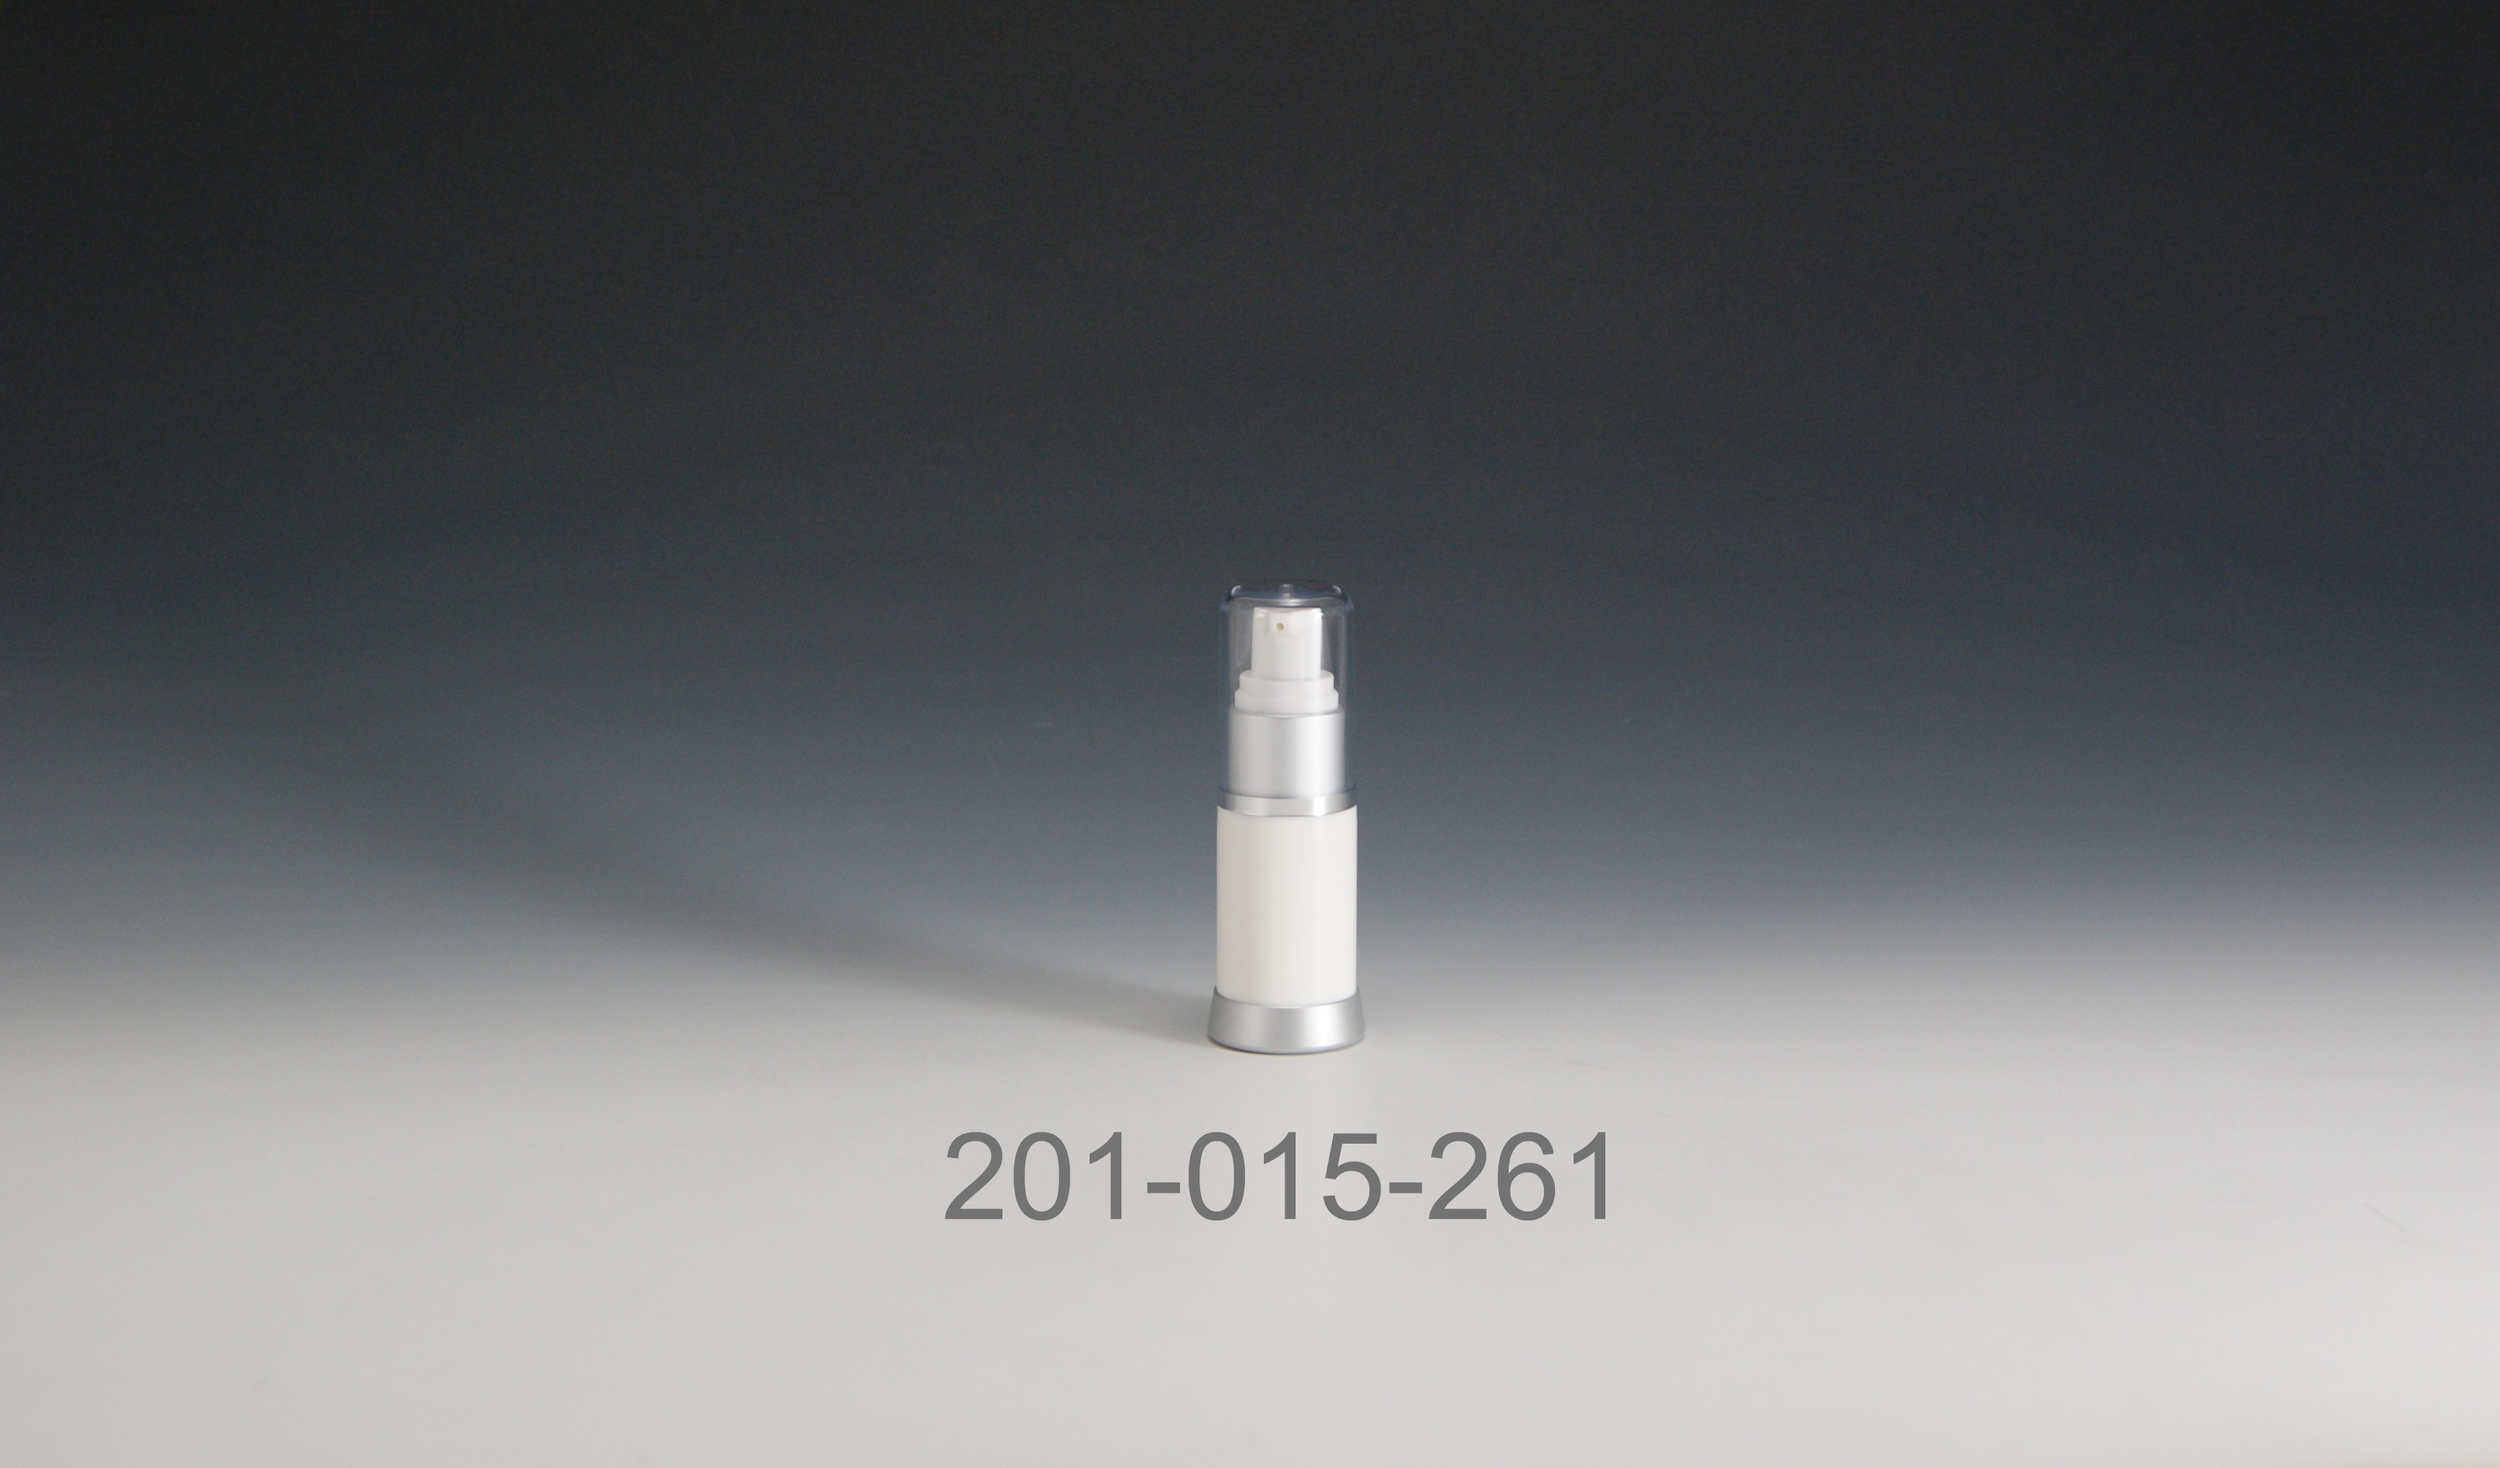 201-015-261.jpg